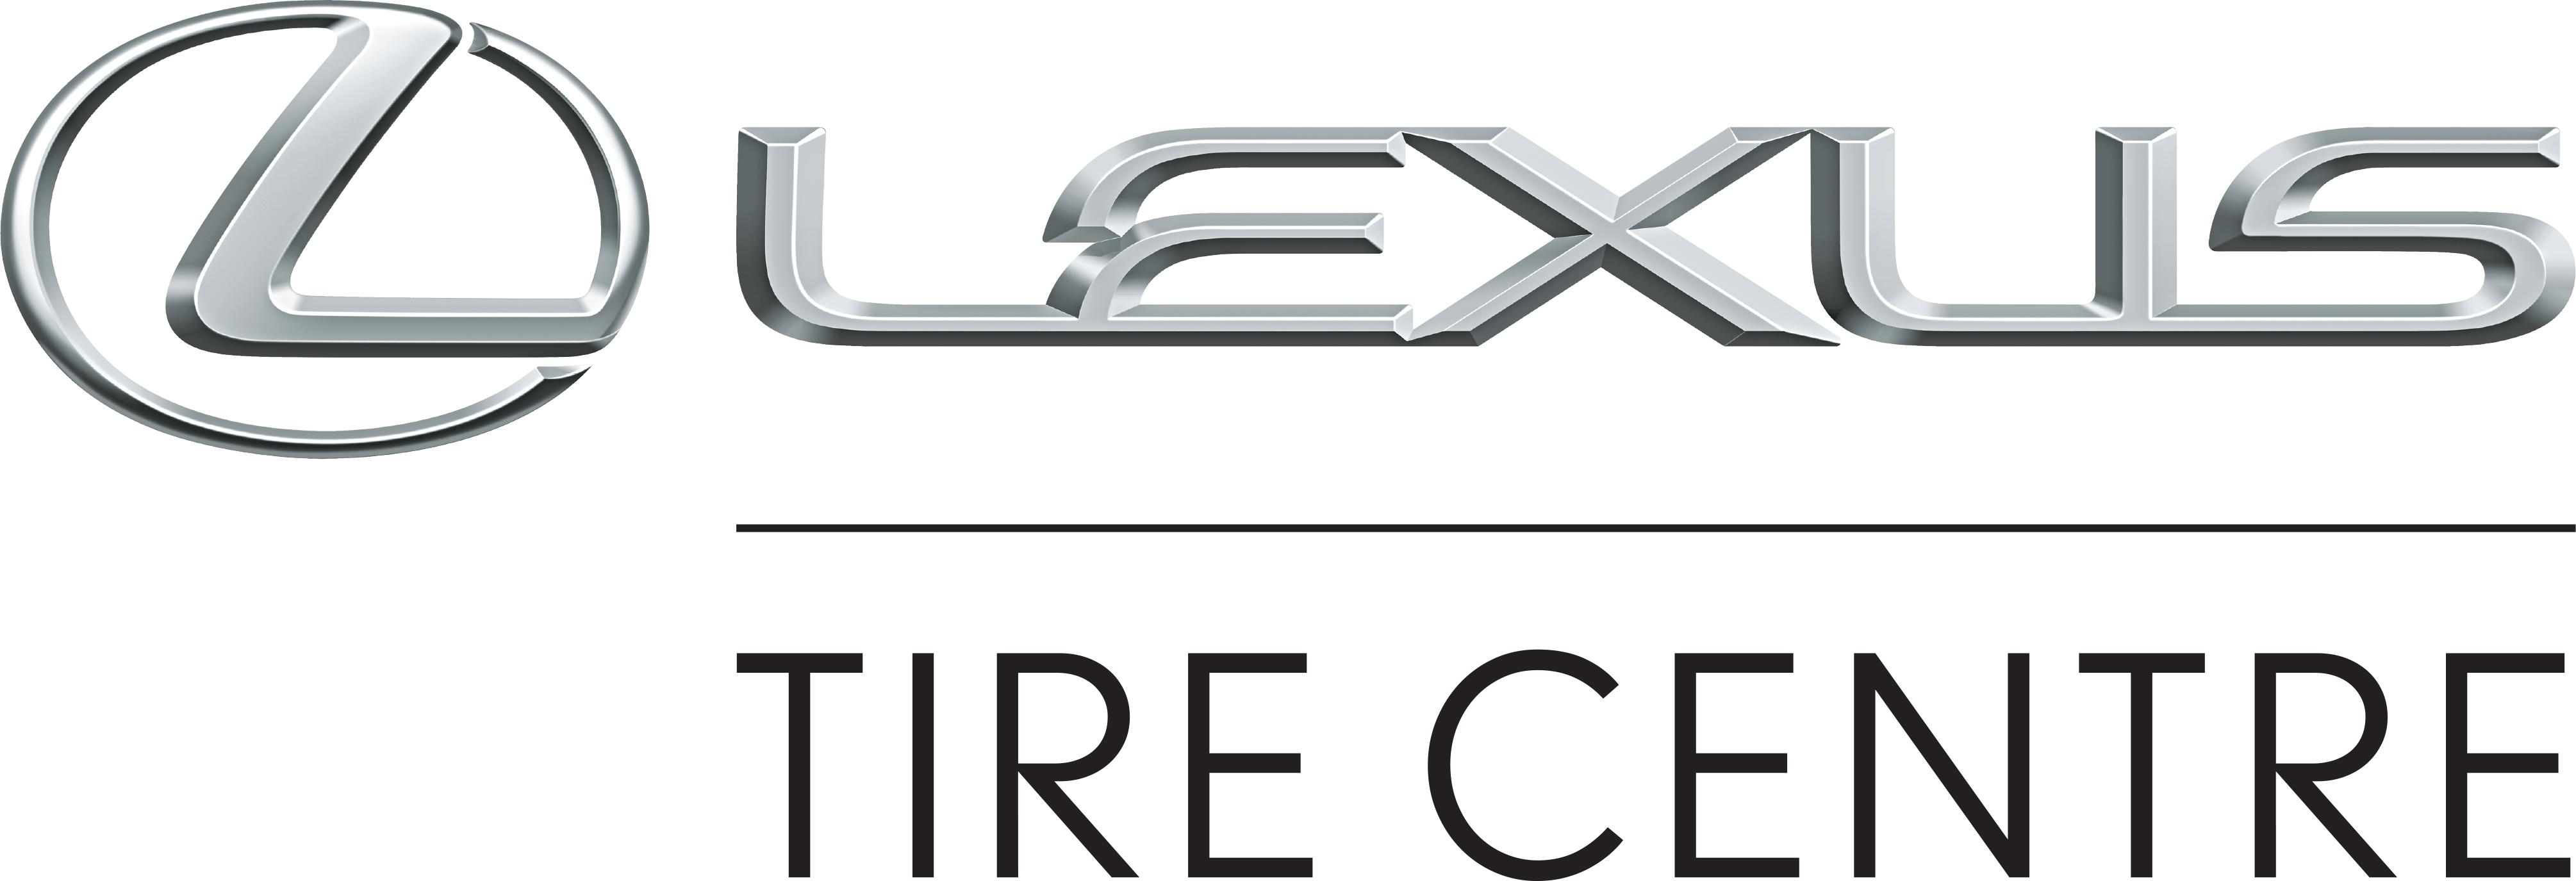 Lexus Tires in Kitchener Waterloo Heffner Lexus Tire Centre